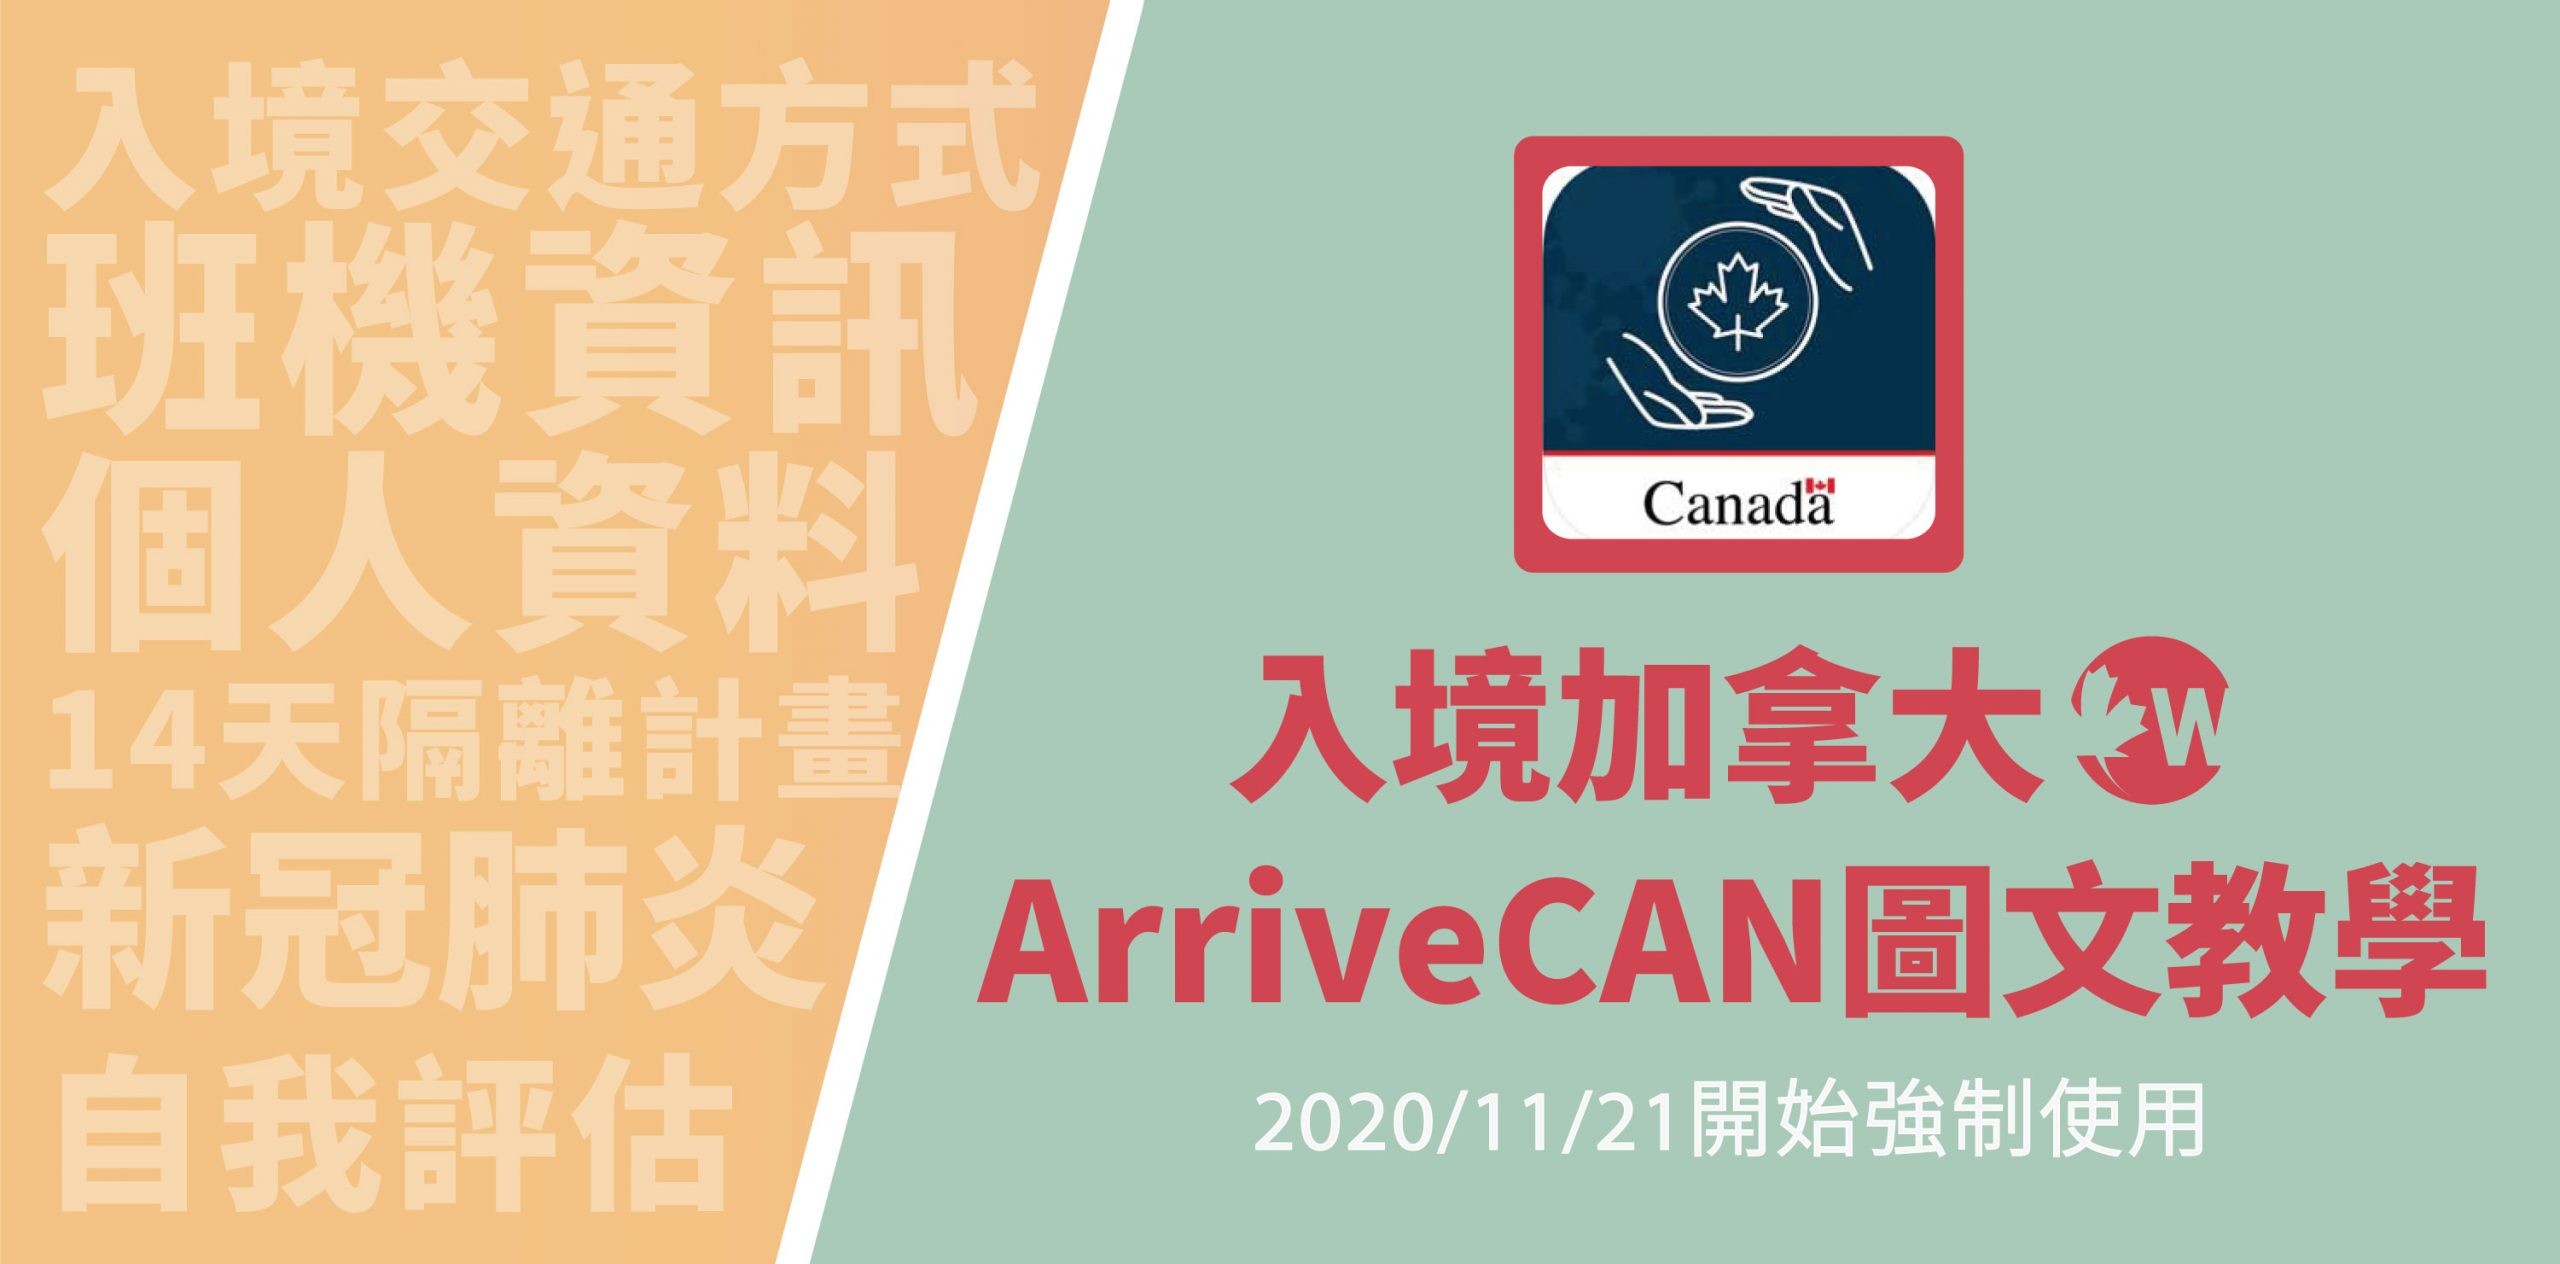 入境加拿大-ArriveCAN圖文教學